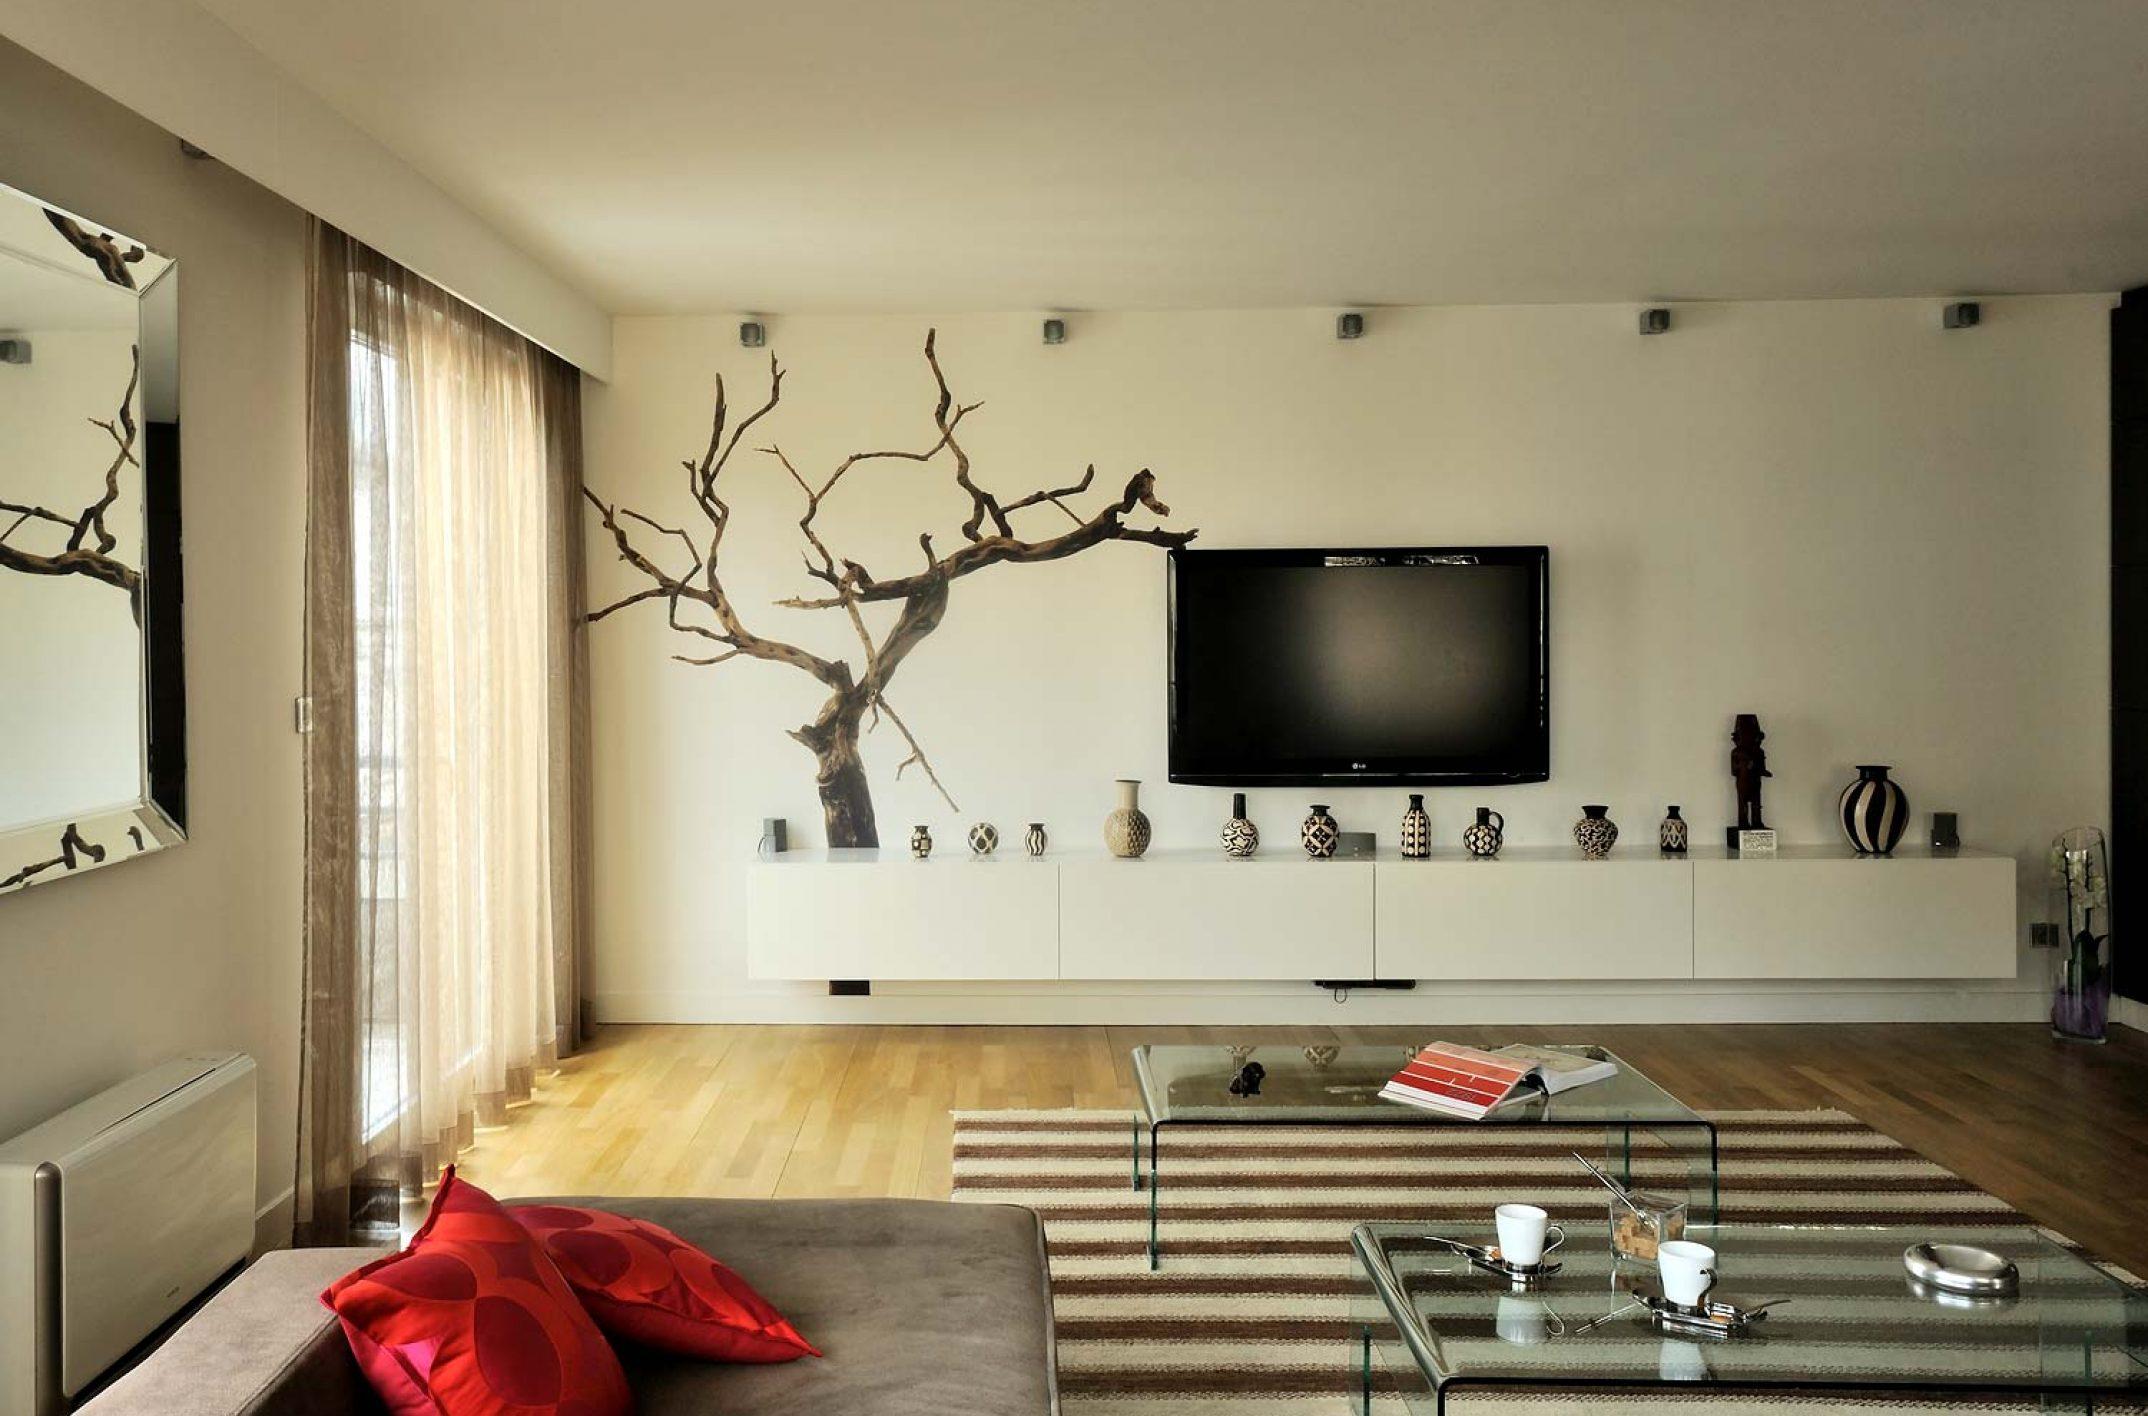 Achat appartement Toulouse : un bon investissement